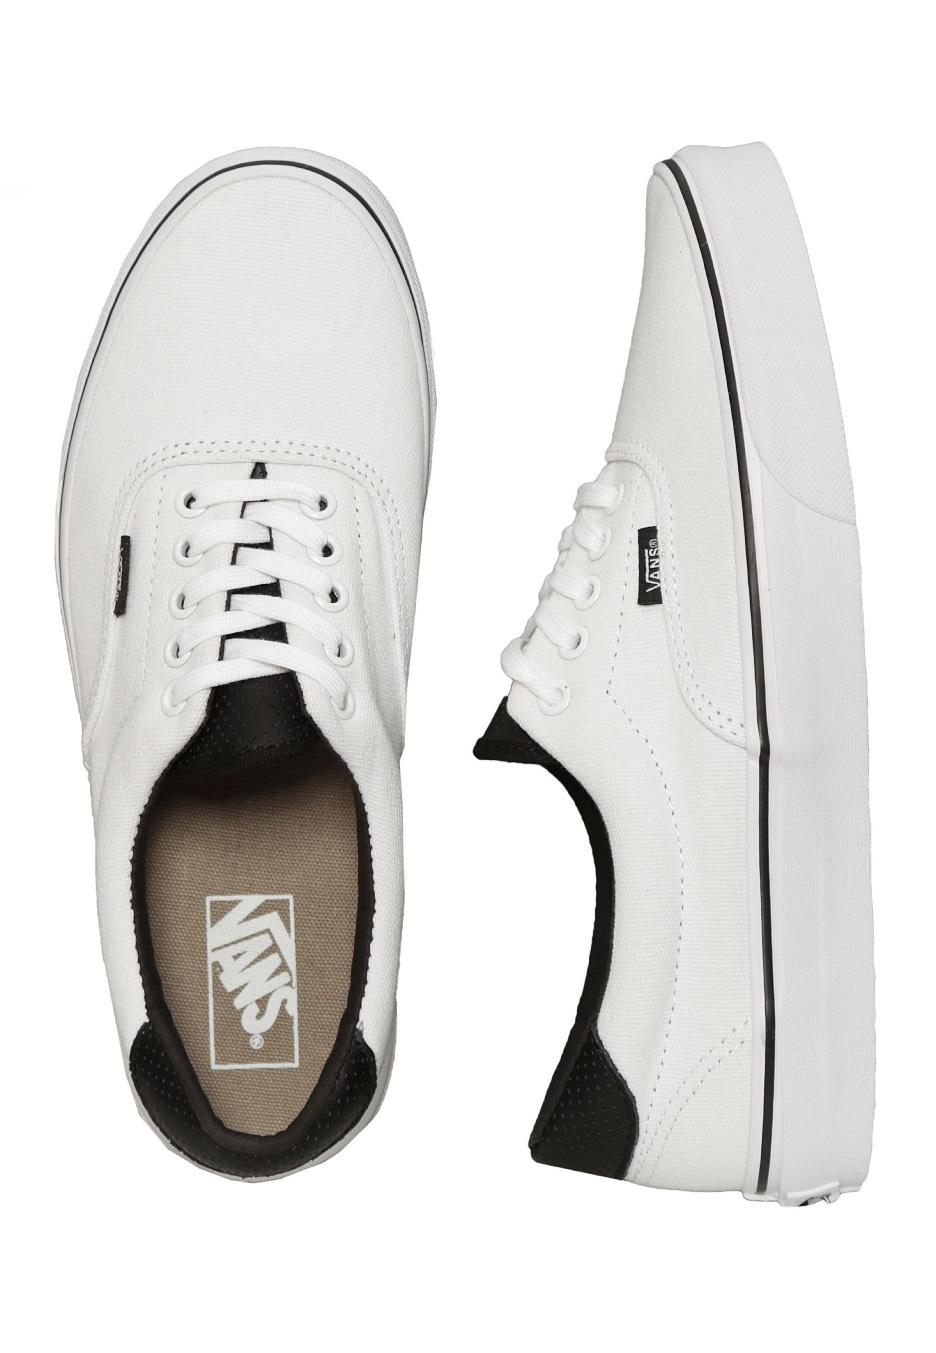 Vans - Era 59 C P True White Black - Shoes - Impericon.com UK 7ccbe2a43